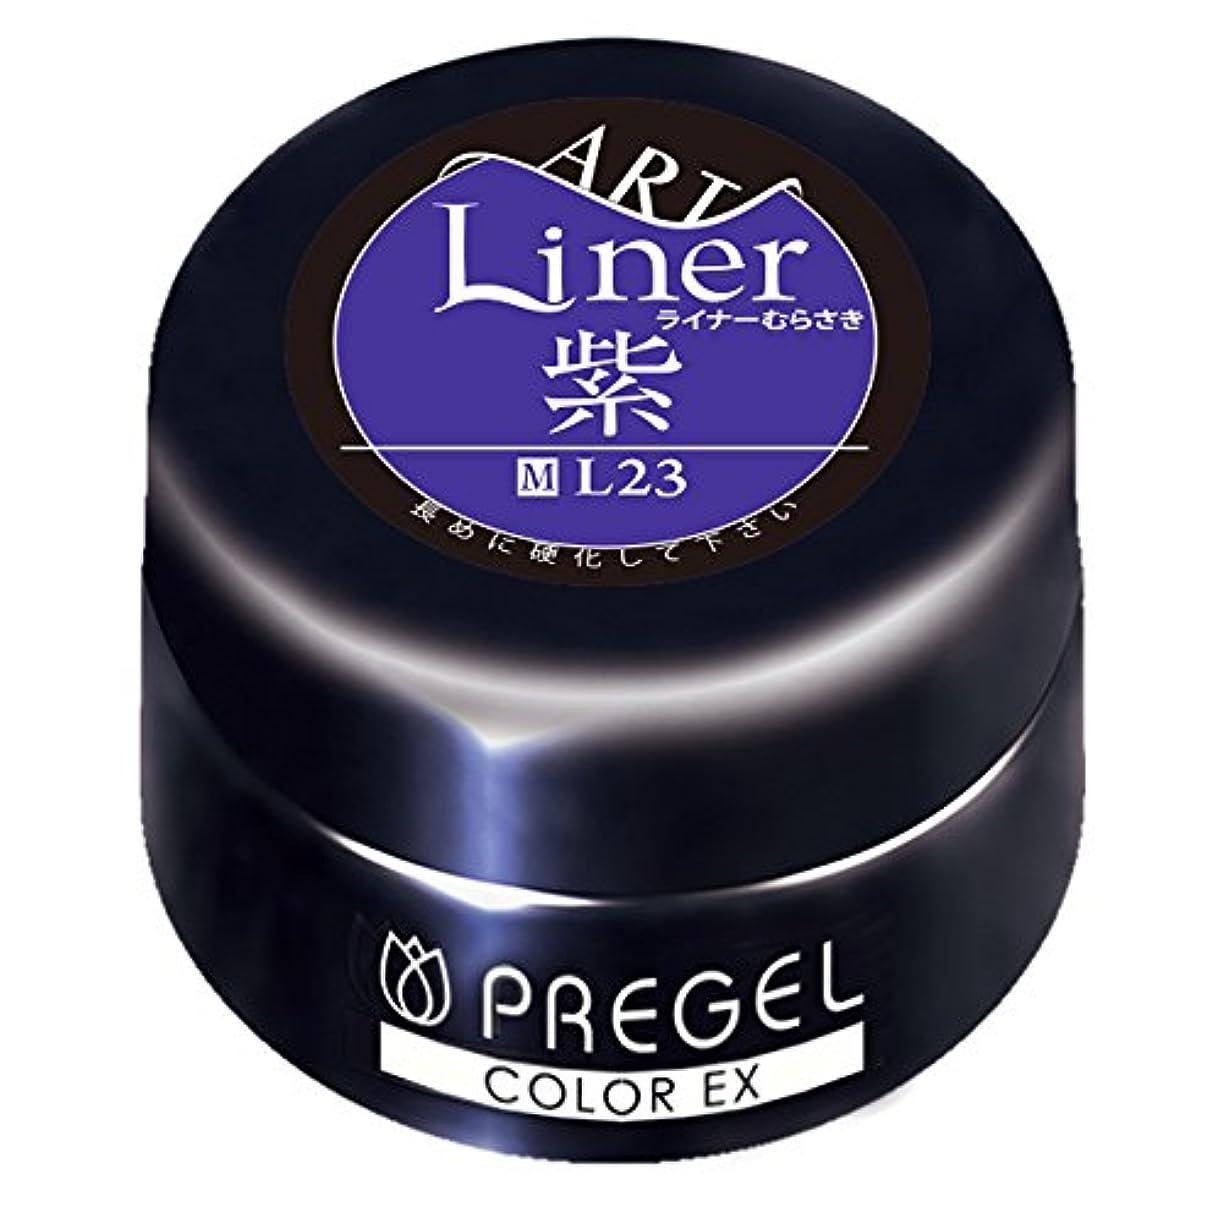 孤独なバター以前はPRE GEL カラーEX ライナー紫23 4g UV/LED対応